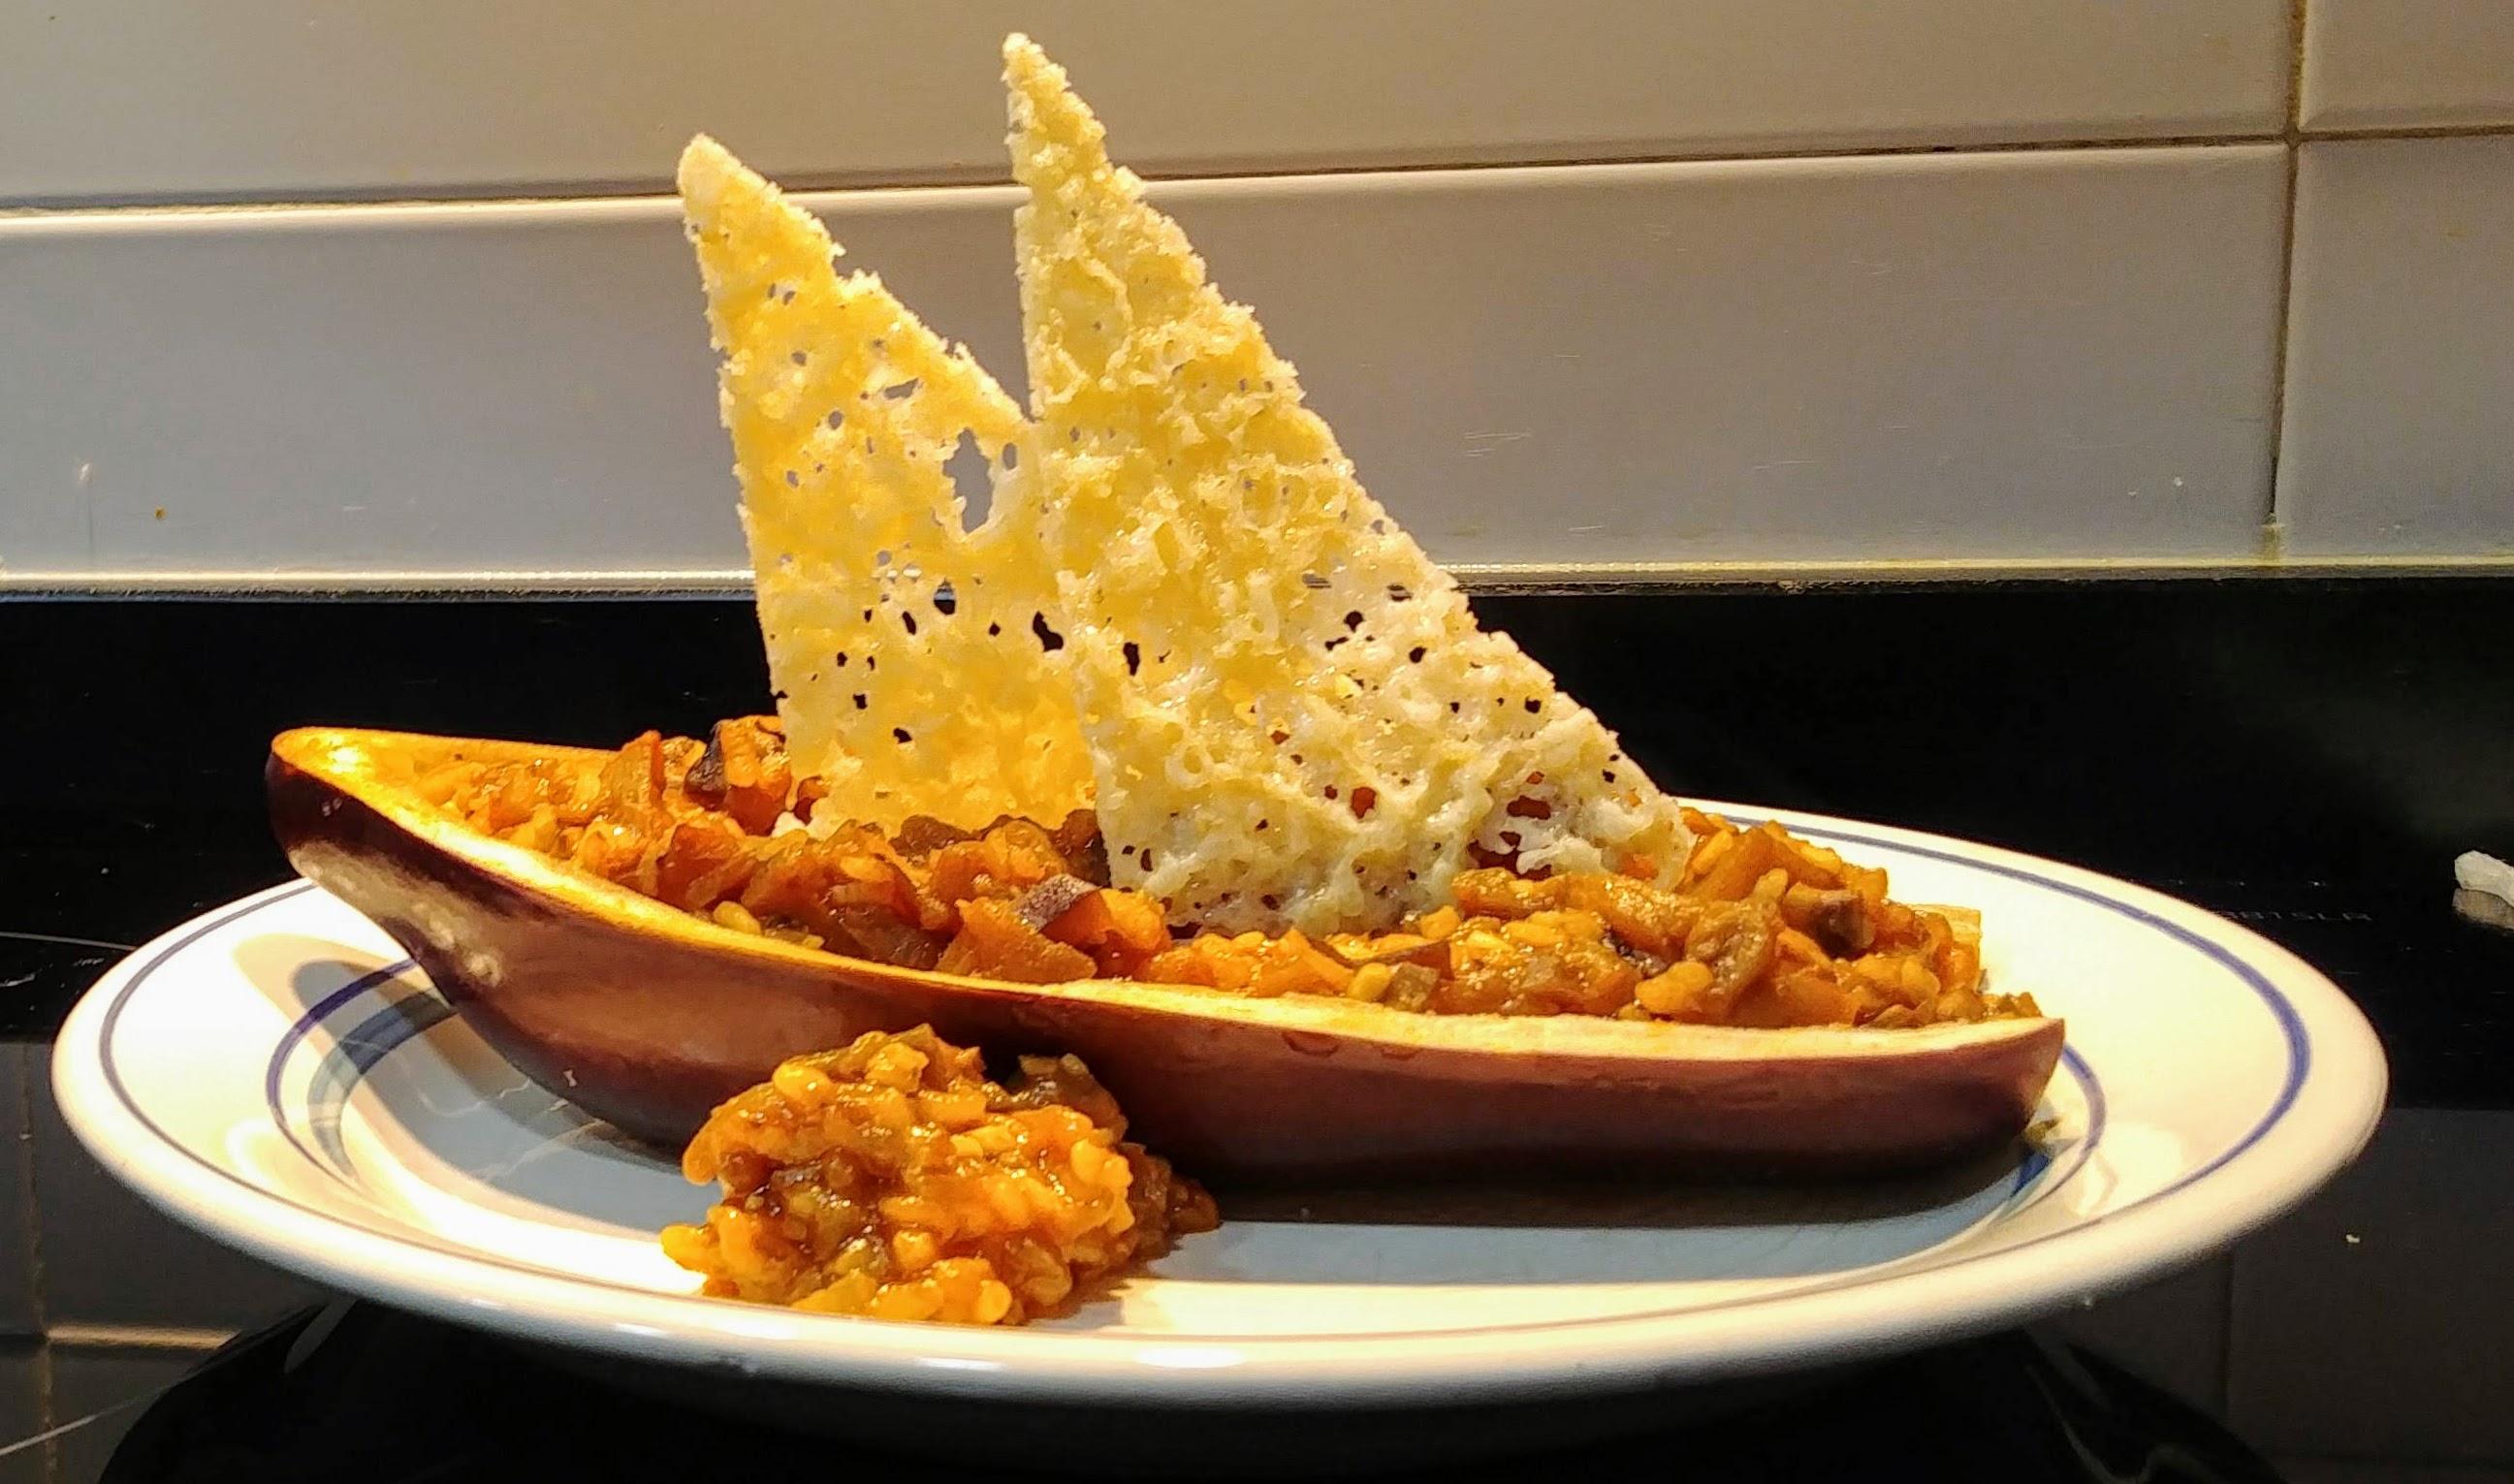 Barco berenjenas rellenas de arroz con verduras y velas de queso